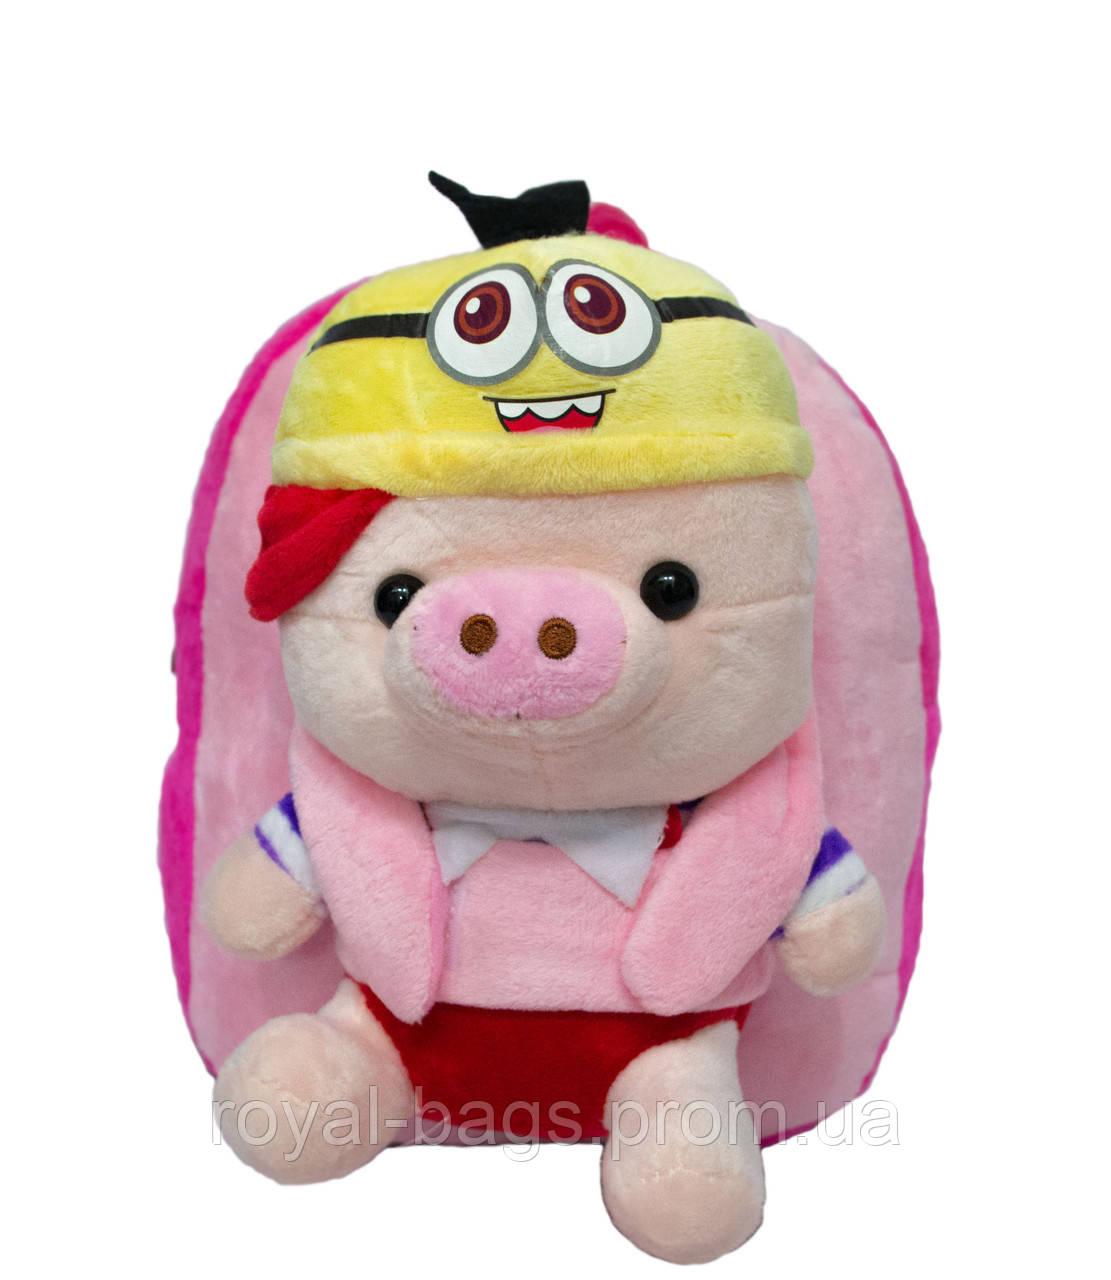 Рюкзак с игрушкой Свинка 3 Цвета Розовый